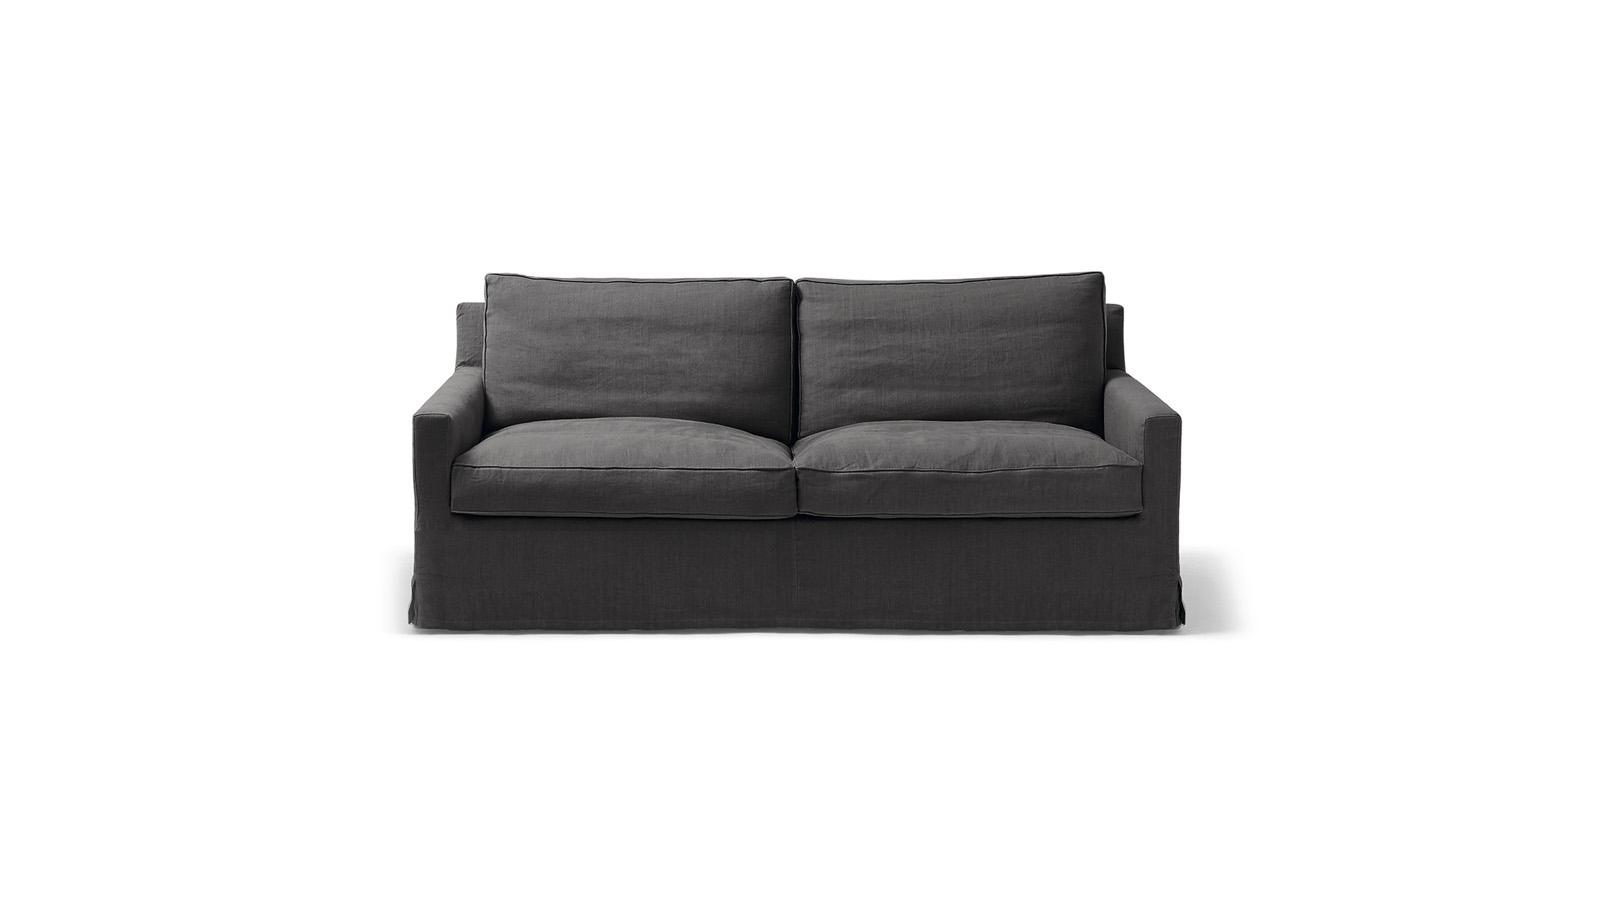 TinnappelMetz-arflex-cousy-sofa-02